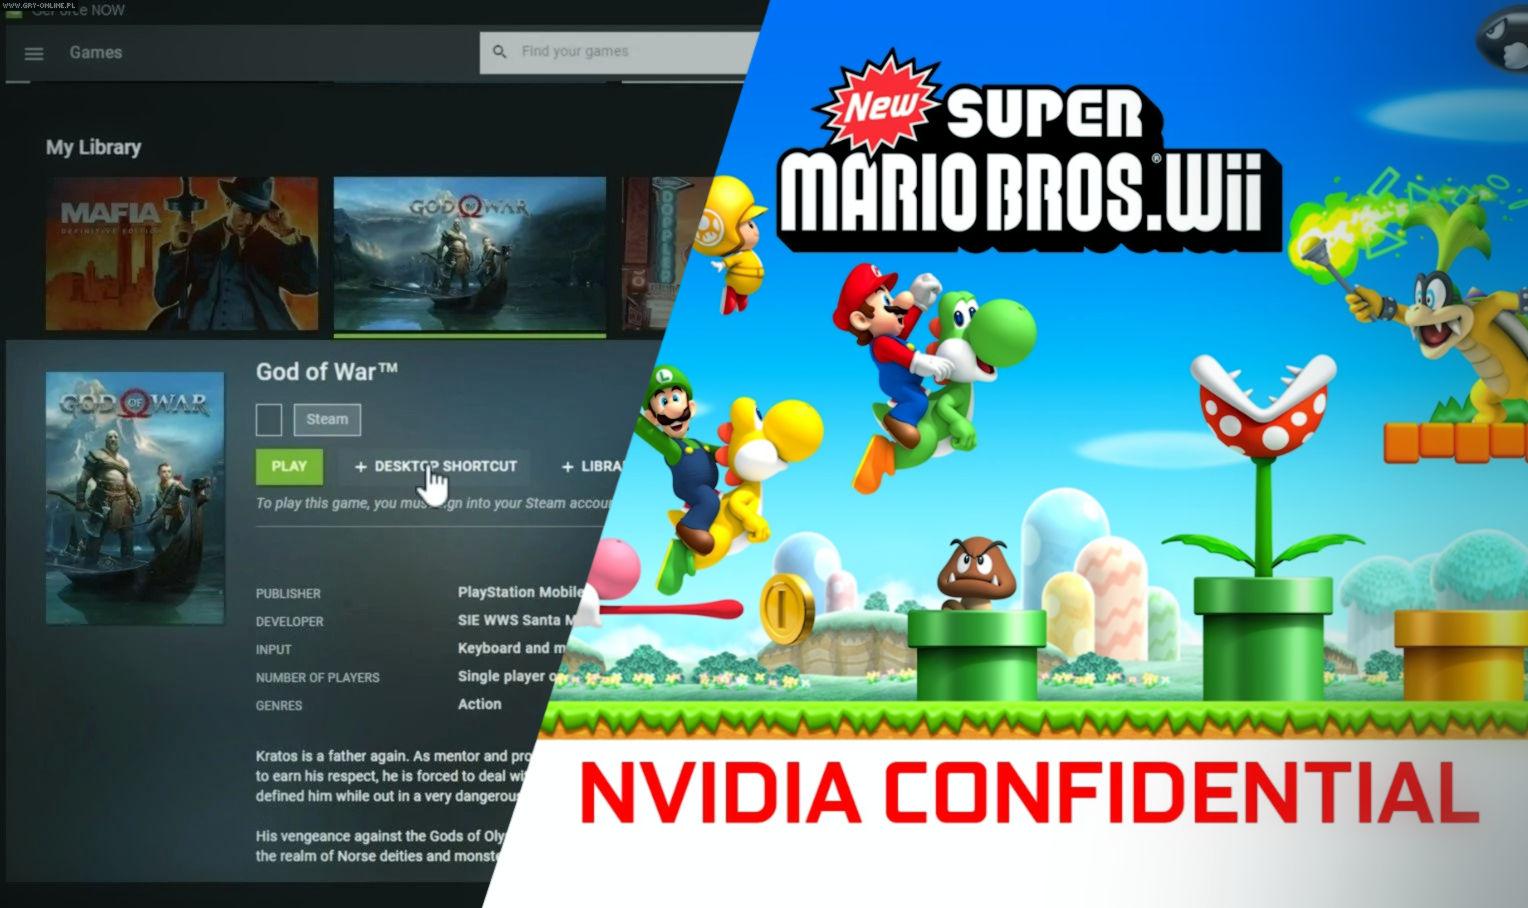 La fuga de NVIDIA GeForce NOW sugiere que más juegos de Sony PlayStation podrían llegar a las PC